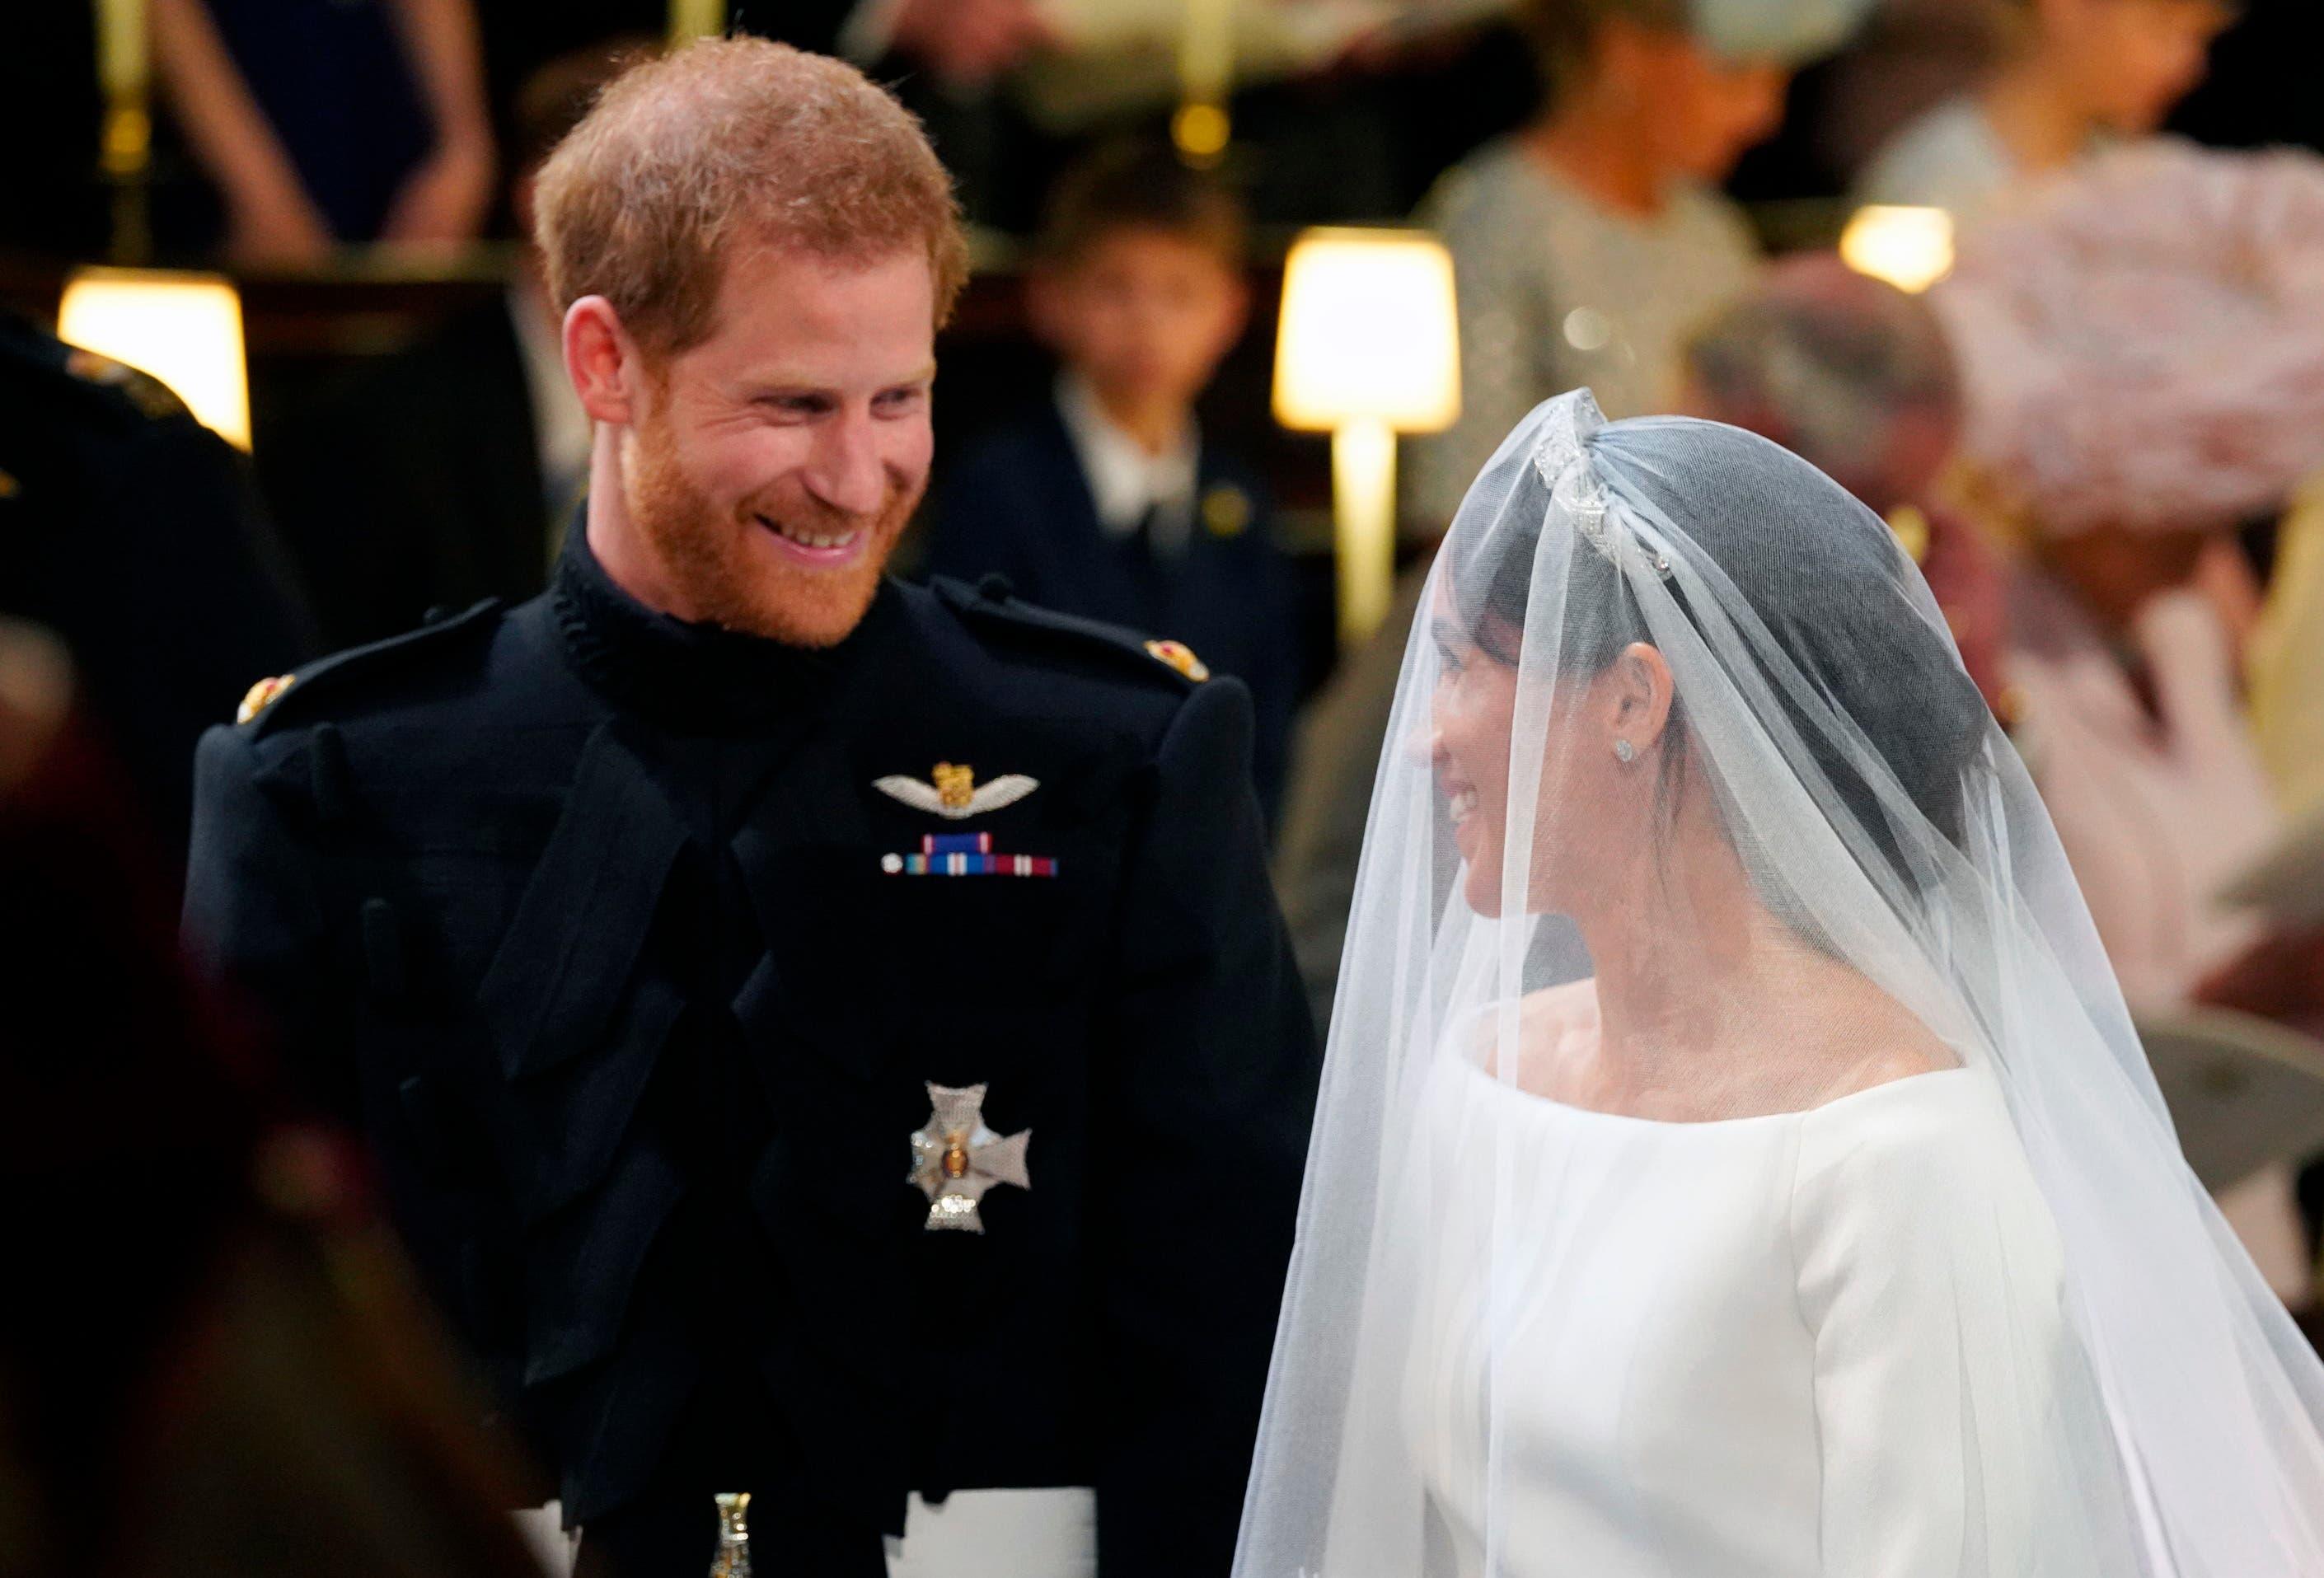 7. El príncipe Enrique de Inglaterra mira a su novia, Meghan Markle, durante la ceremonia de su boda en la Capilla de San Jorge, en el Castillo de Windsor, el sábado 19 de mayo del 2018. (Gareth Fuller/pool photo via AP)